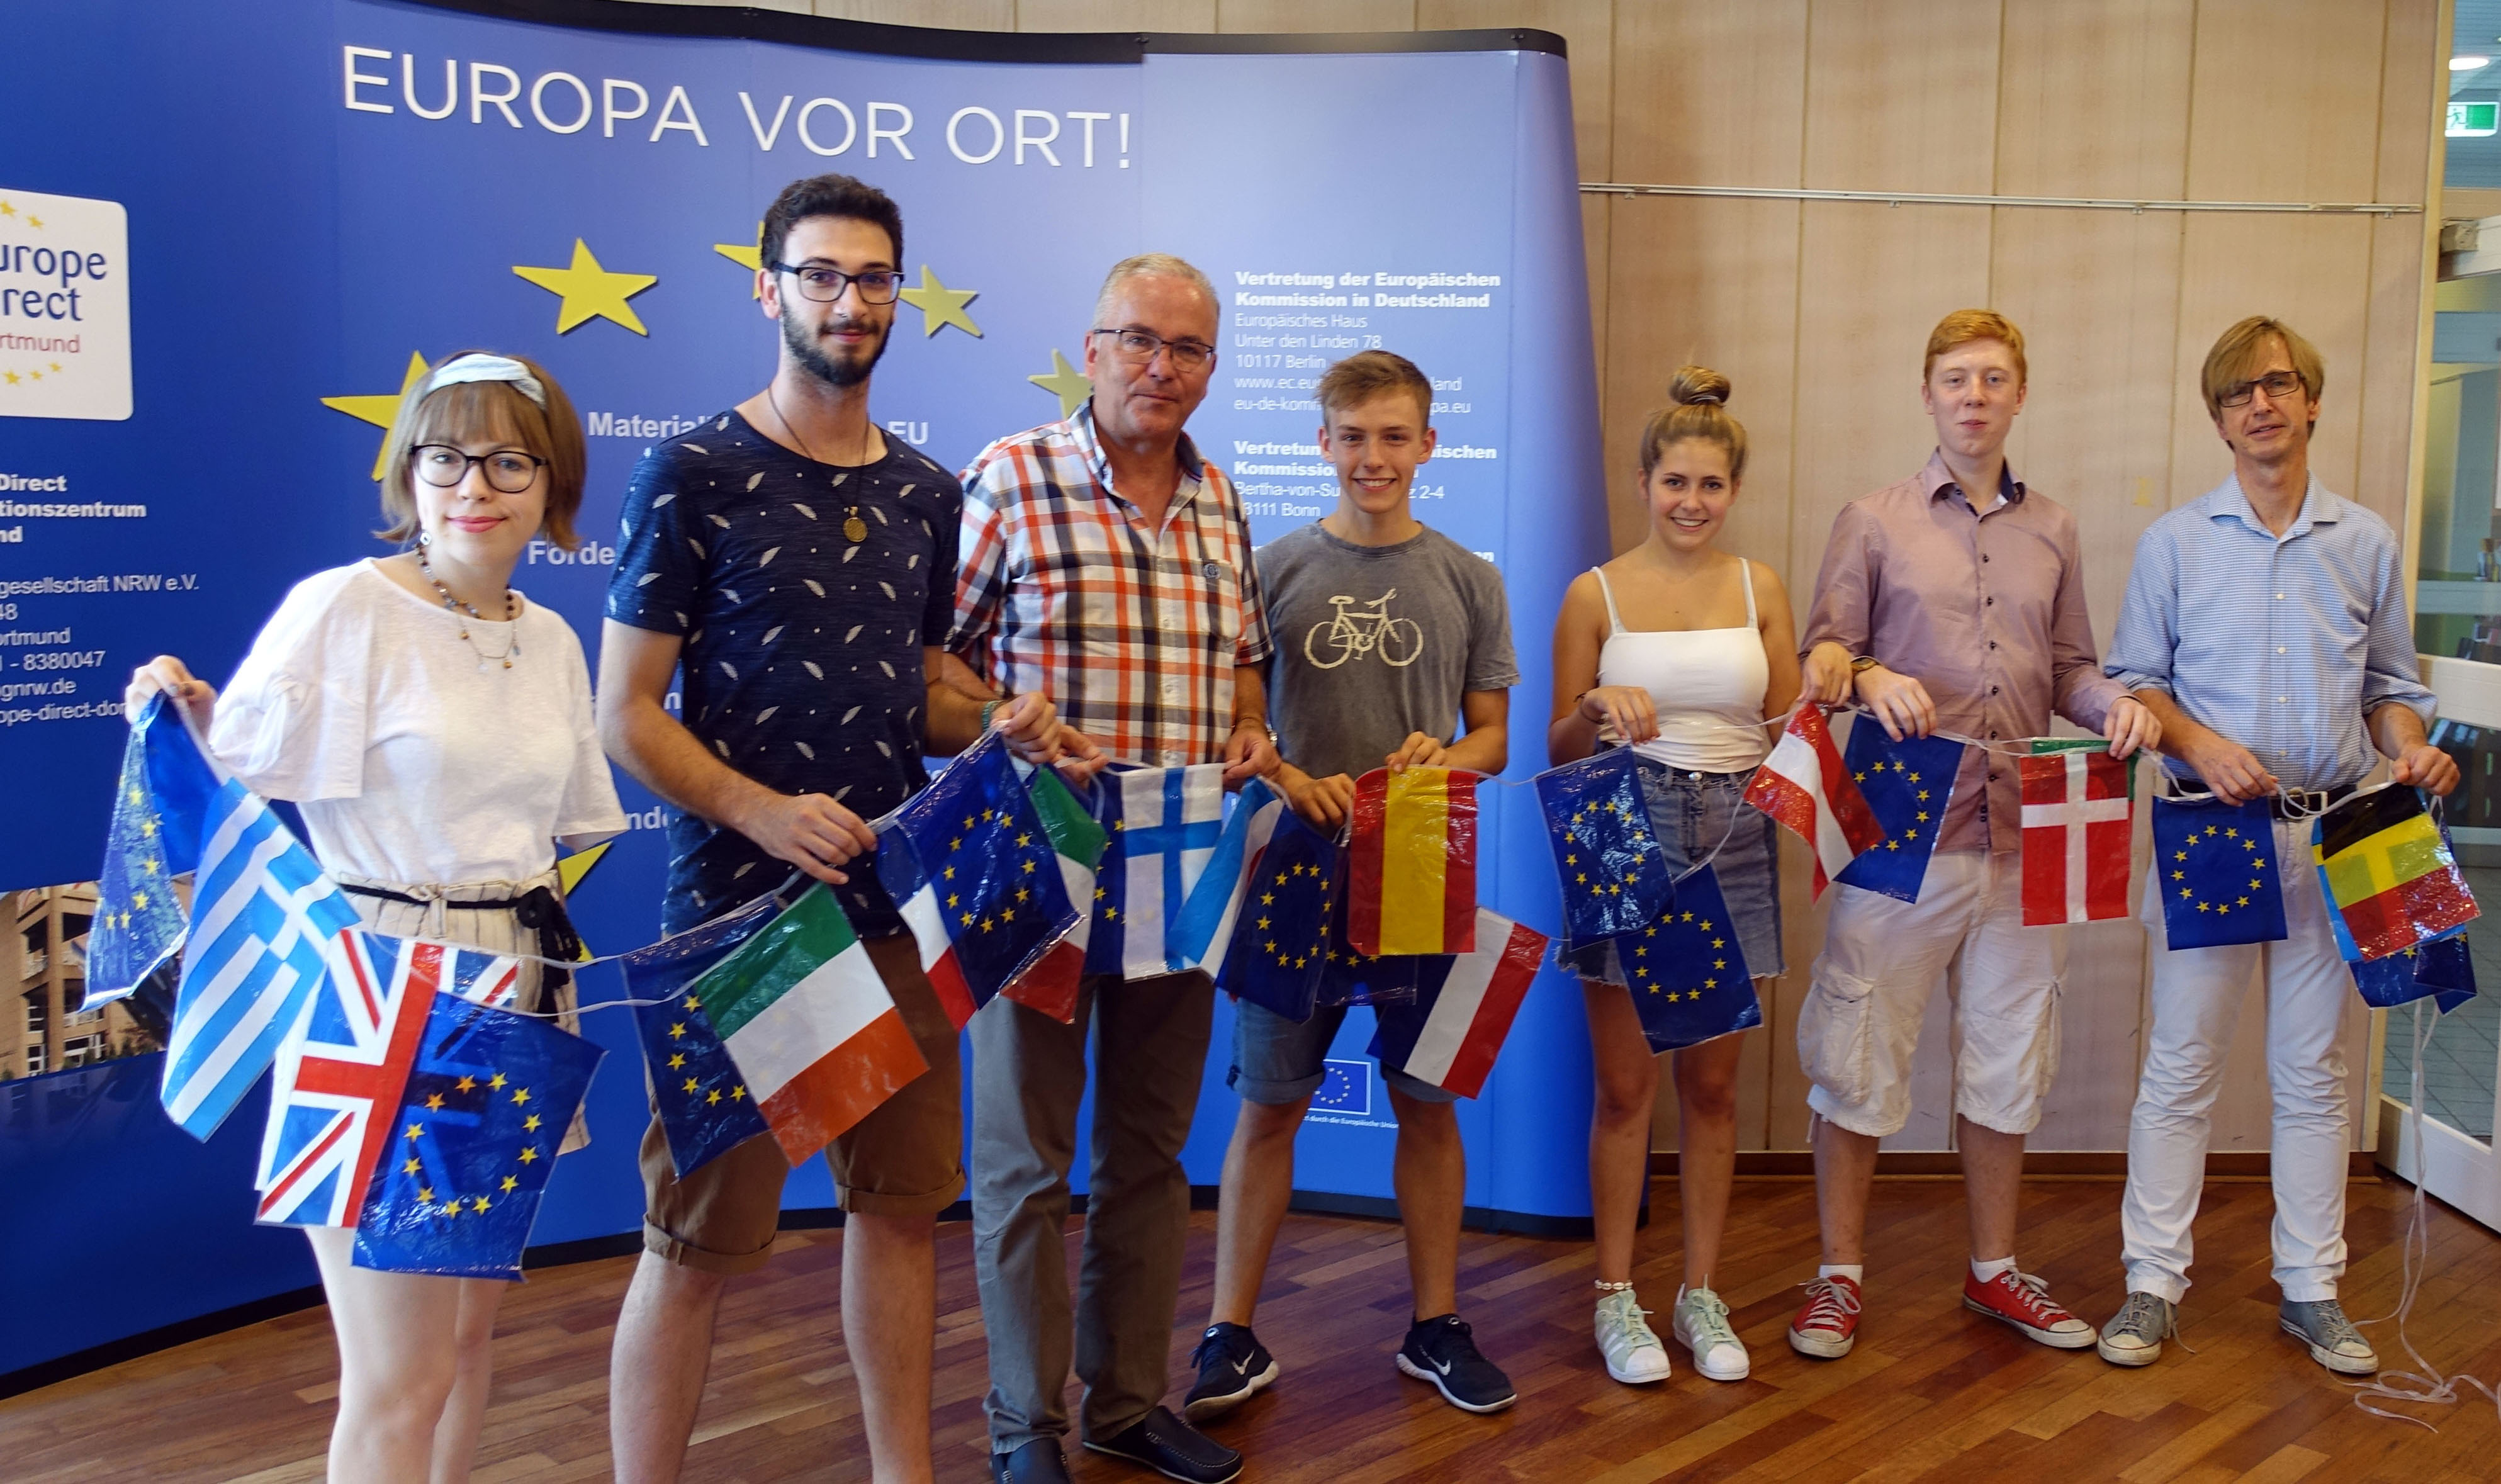 Die Auslandsgesellschaft bietet über den EFD die Gelegenheit, in ganz Europa in sozialen Einrichtungen zu arbeiten.